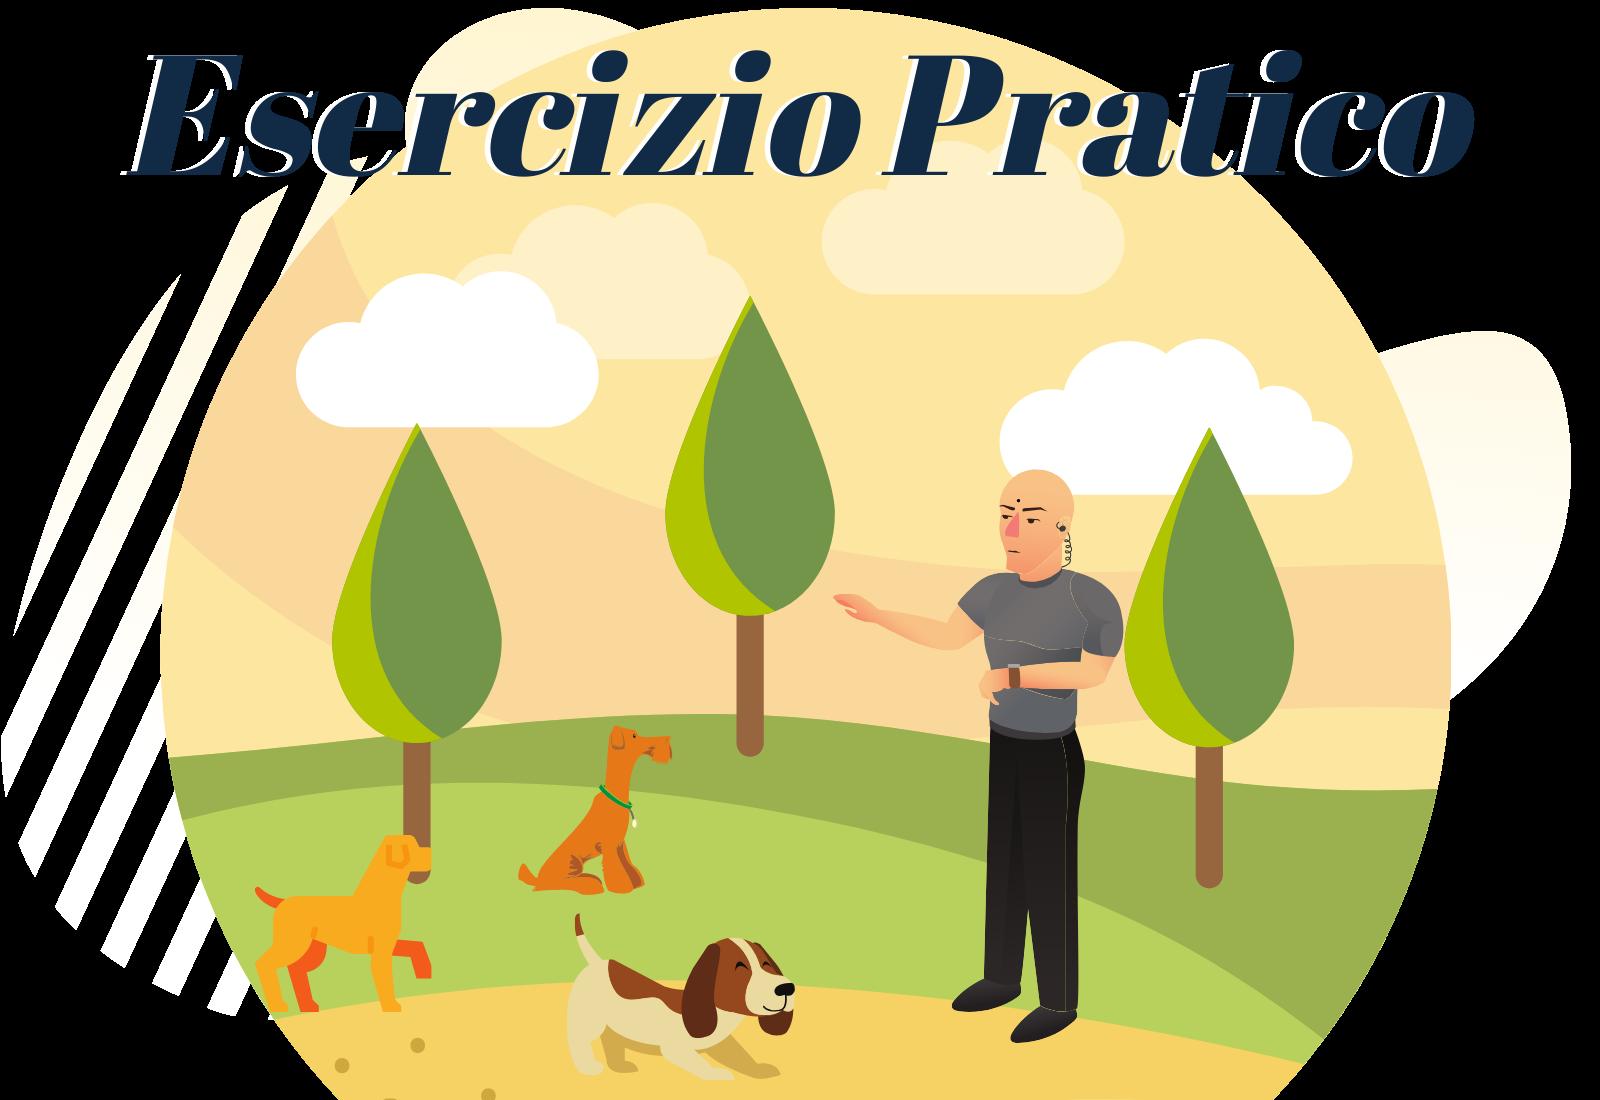 Super cane - corso addestramento cani online e fai da te (1)